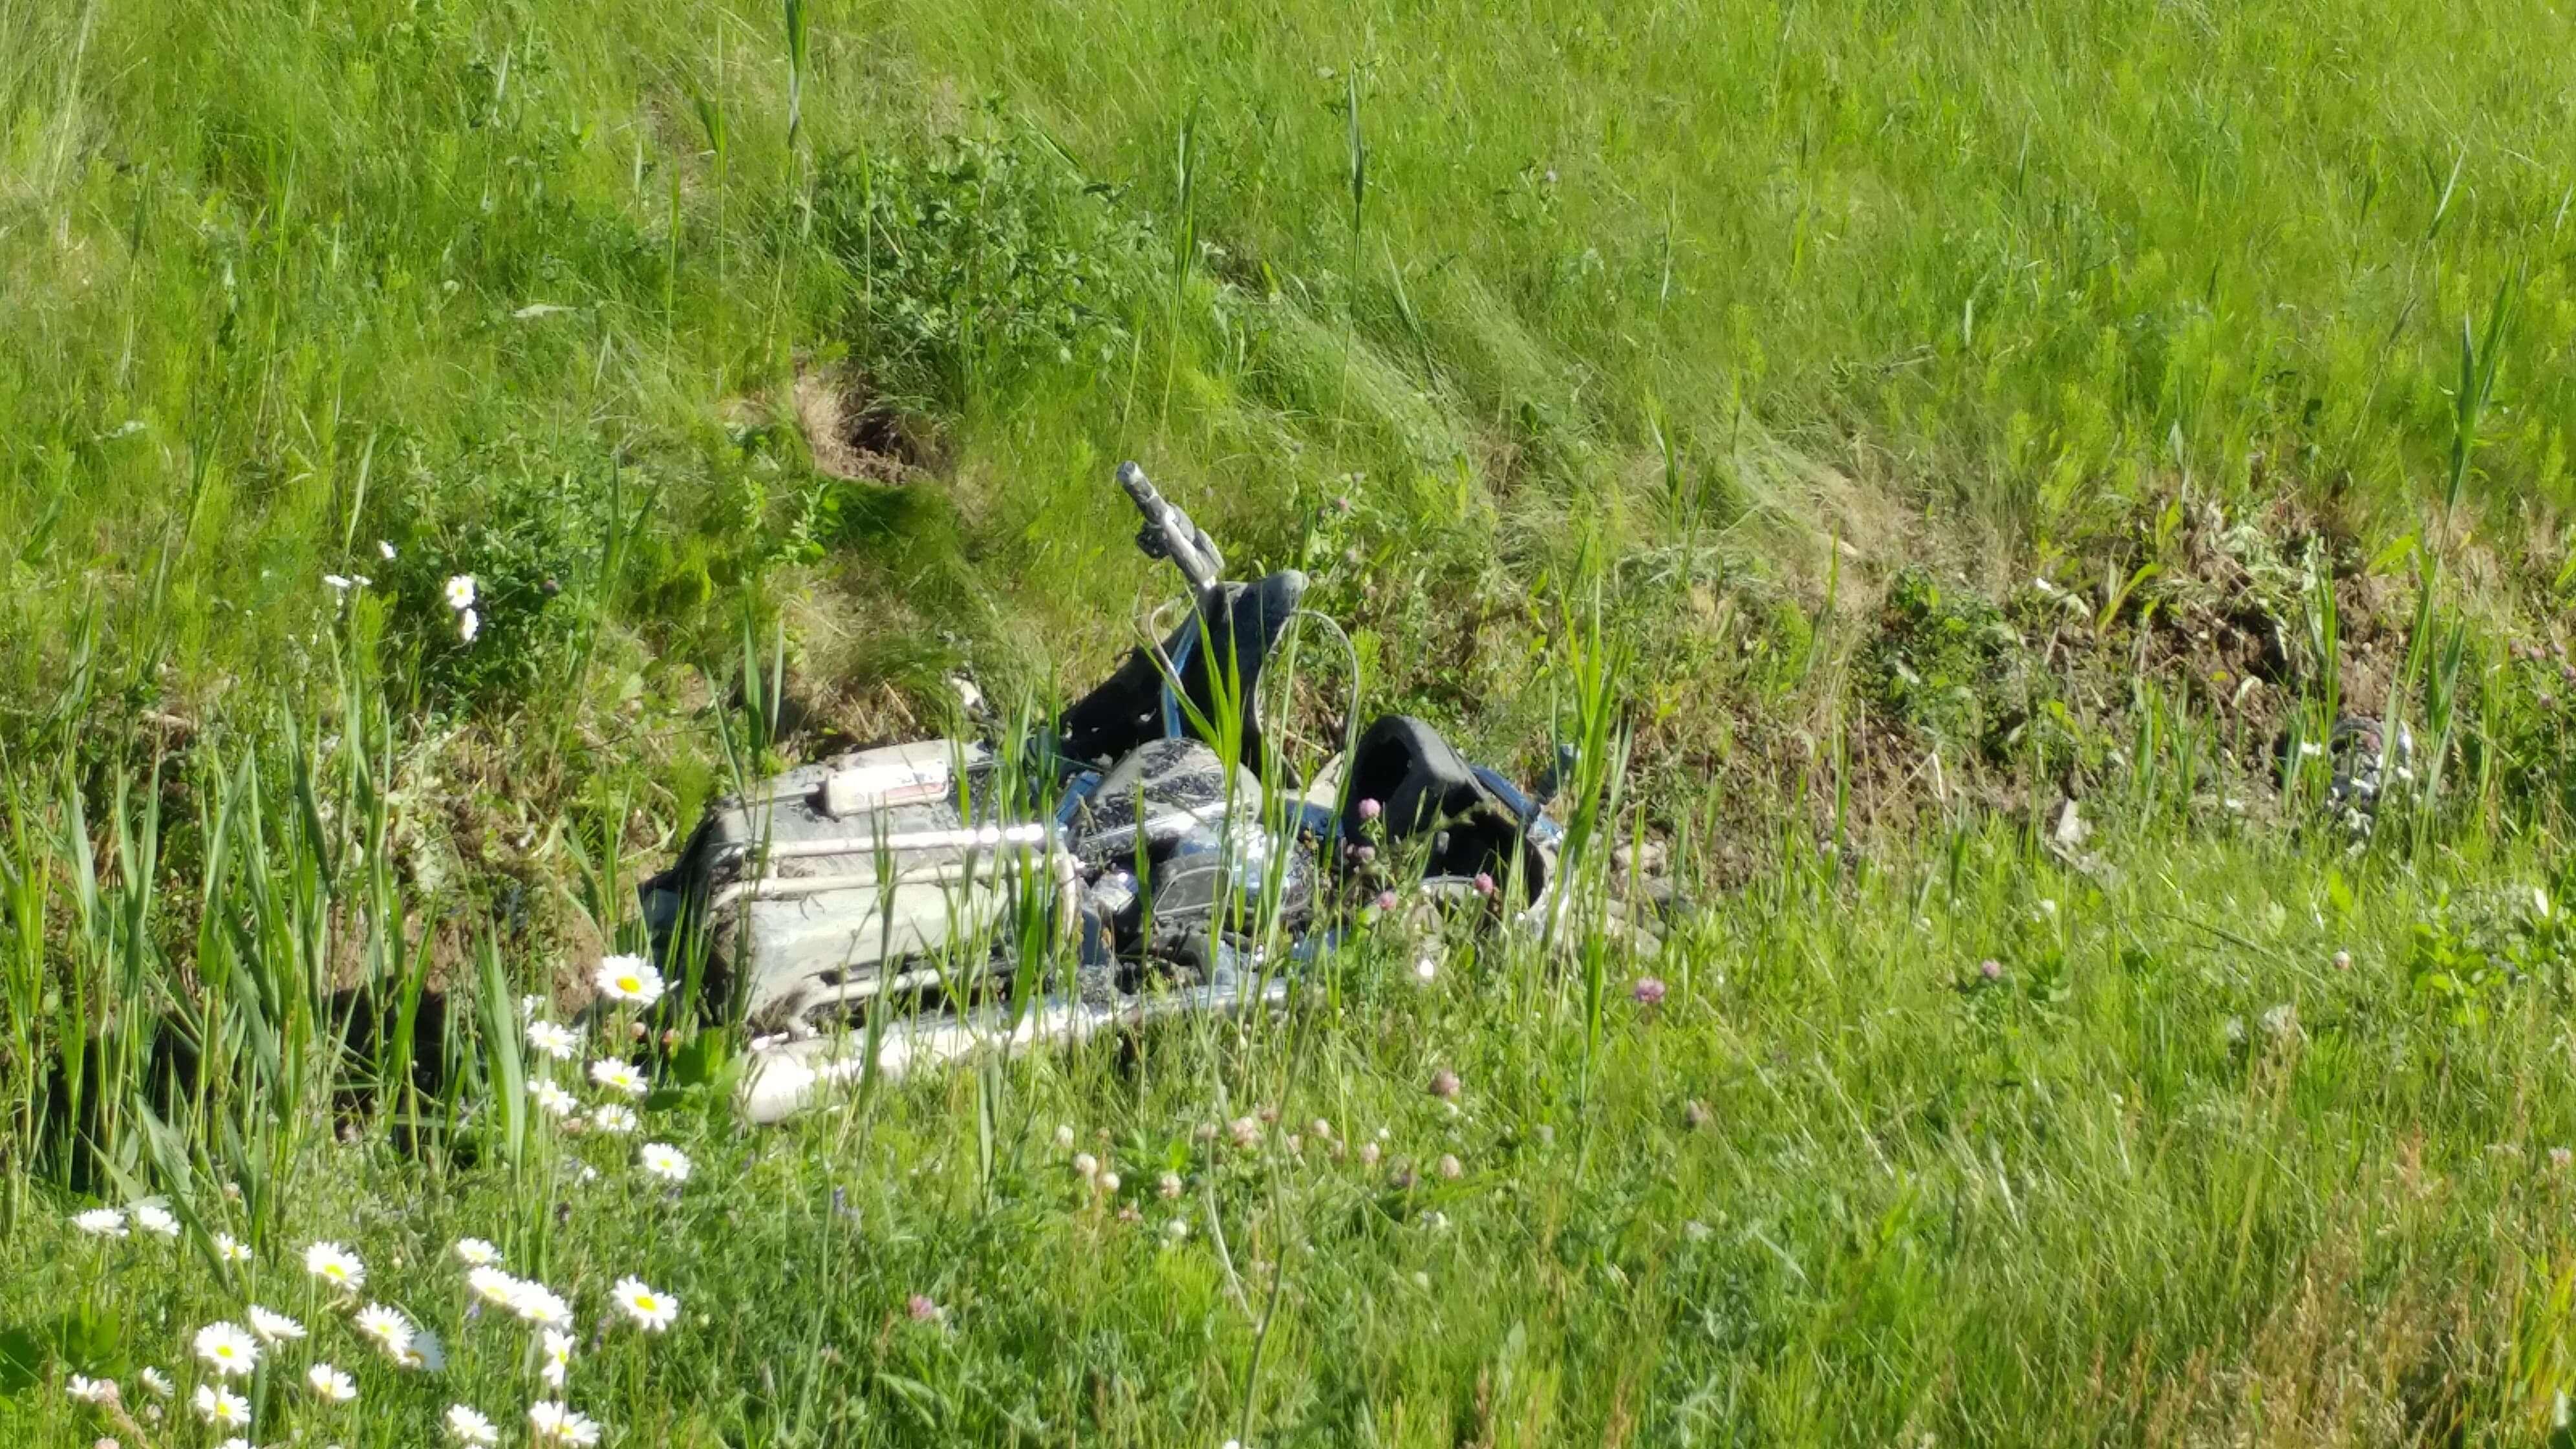 Un motocyliste de 60 ans de Joliette a perdu la vie le 15 juin 2018 à Saint-Lin-Laurentides.